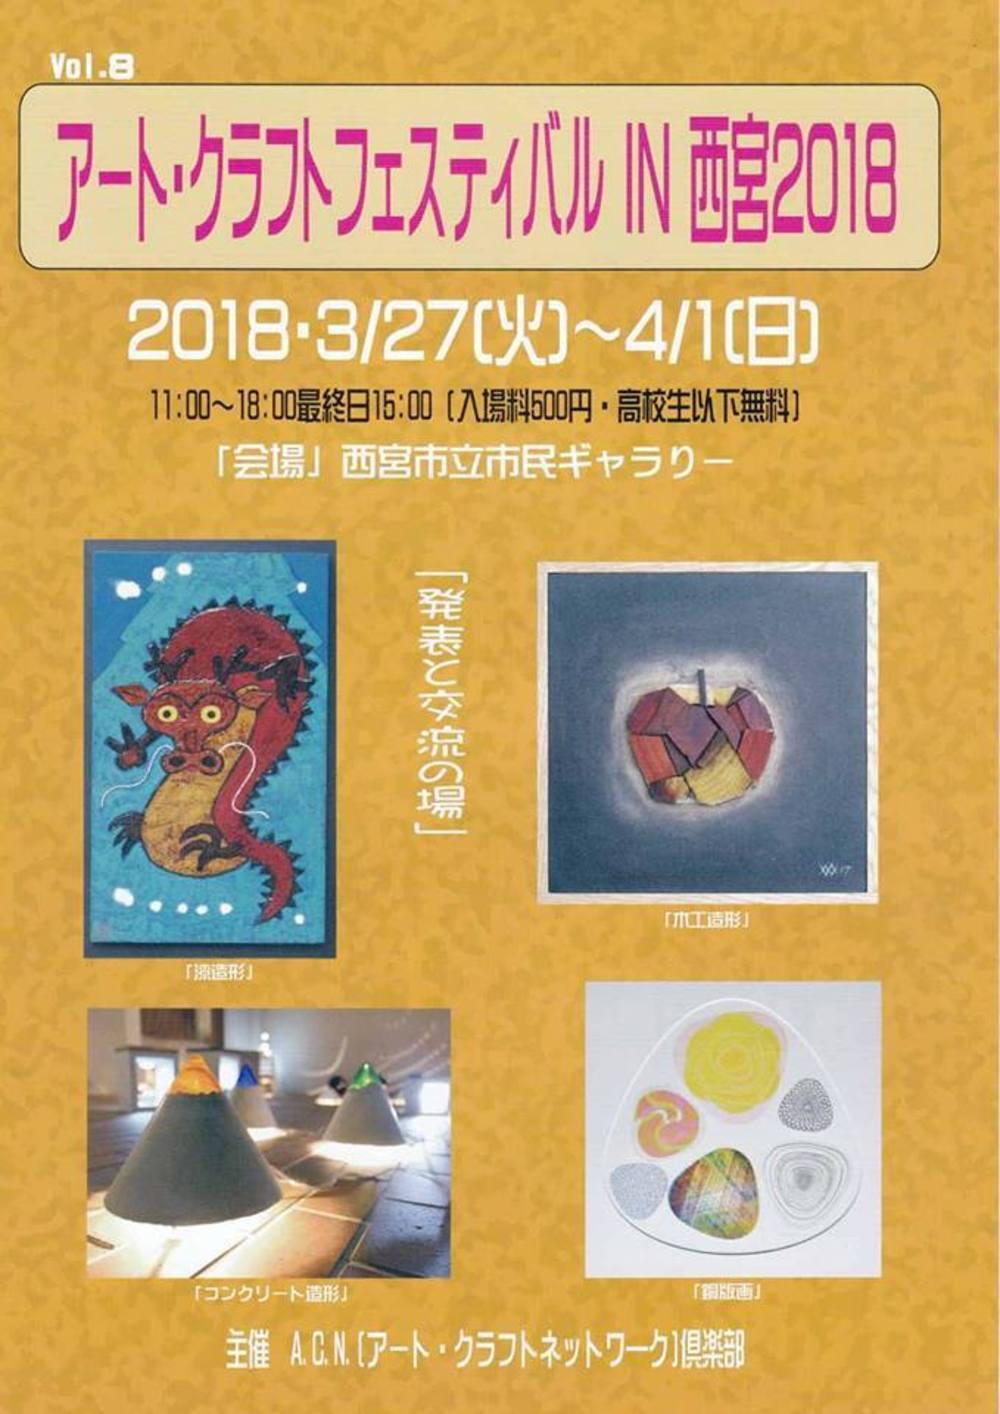 アートクラフトフェスティバルIN神戸0